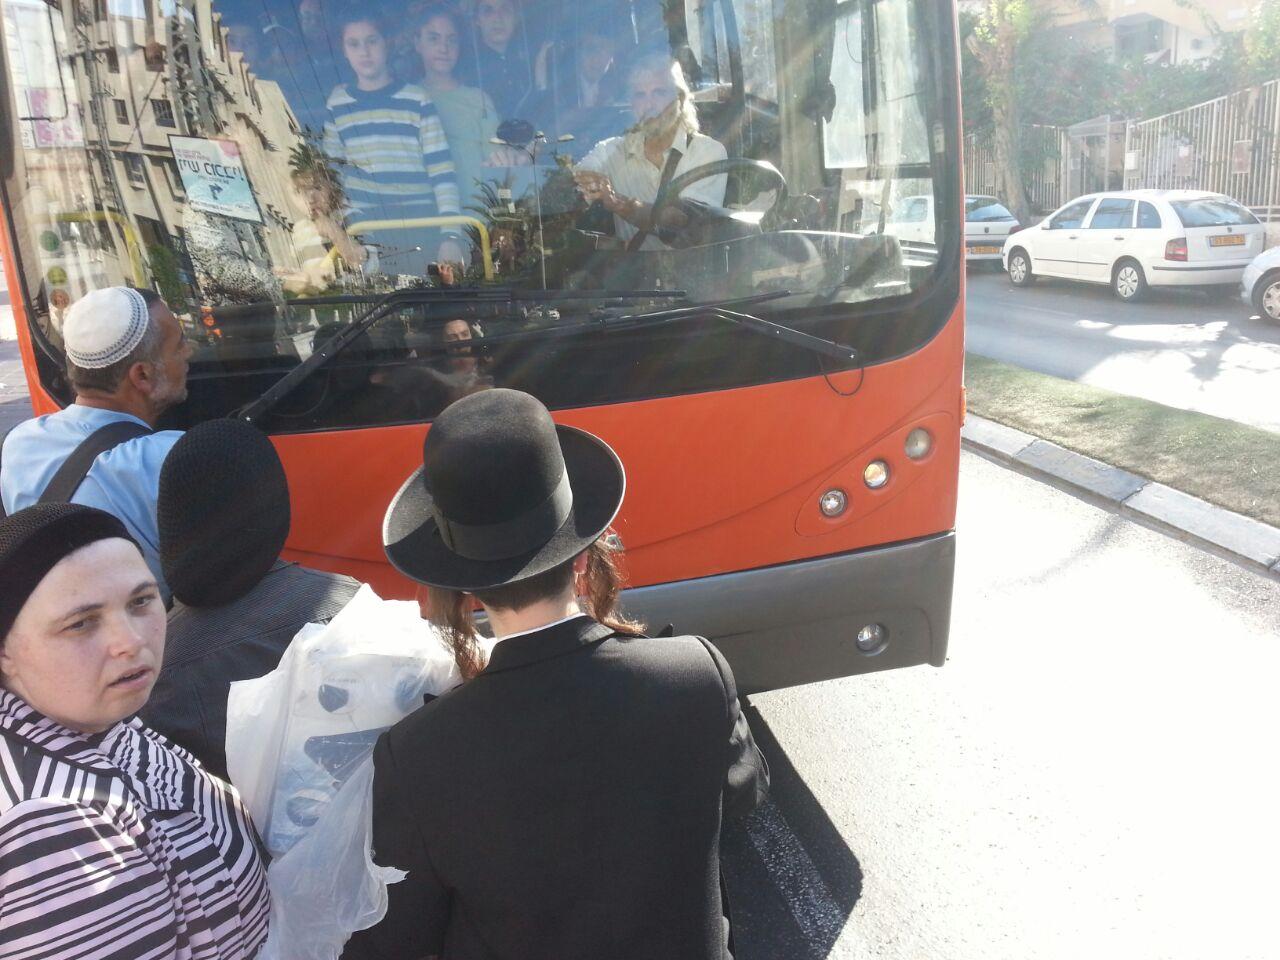 אוטובוס אוטובוסים חרדים נוסעים זועמים - צילם יהודה רחמים 24 (2)